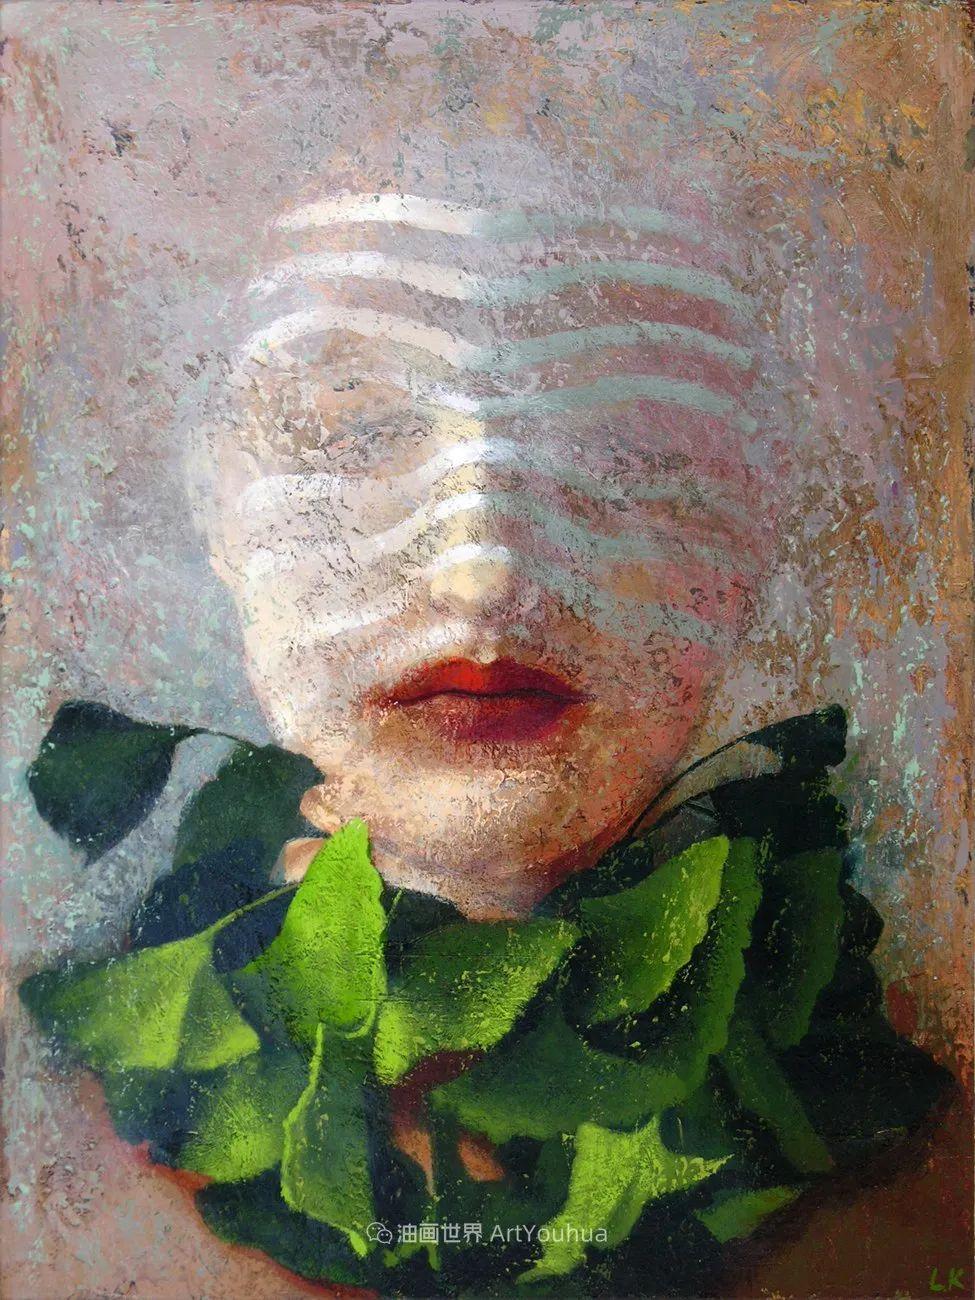 致力于形象表现的具象画家,幽灵般的人物肖像插图17